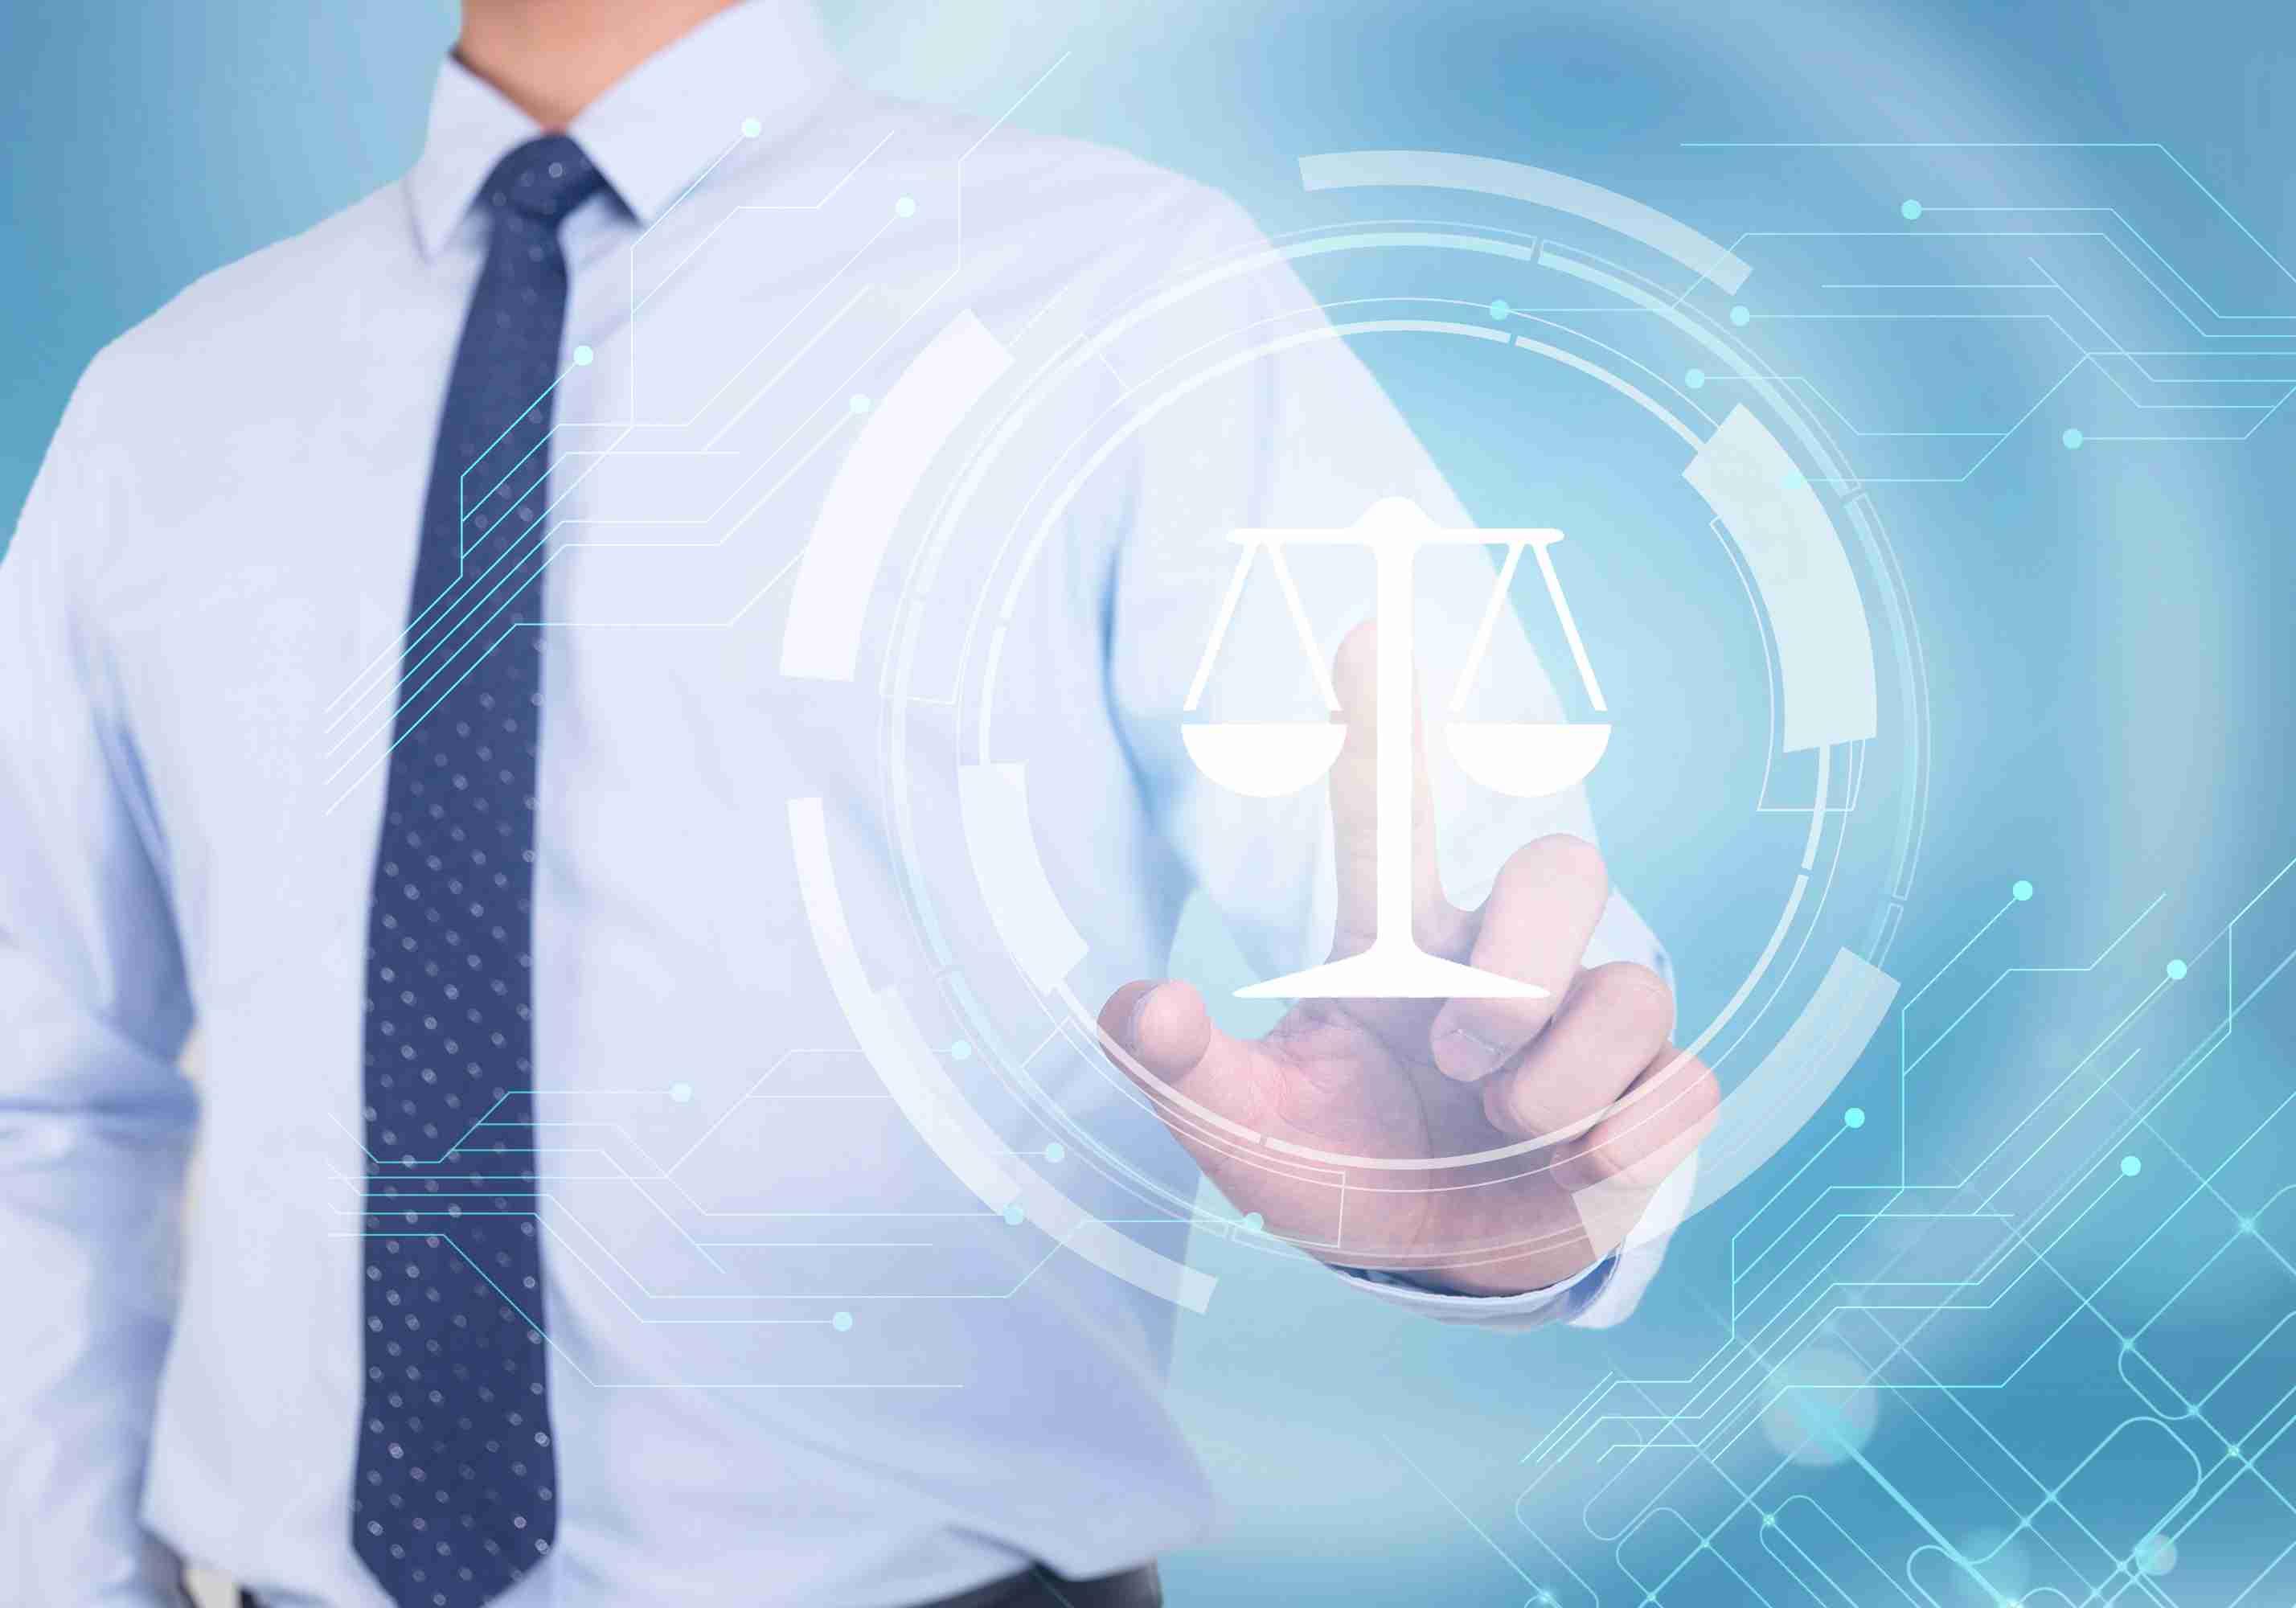 深圳知识产权律师教你如何规避版权侵权风险